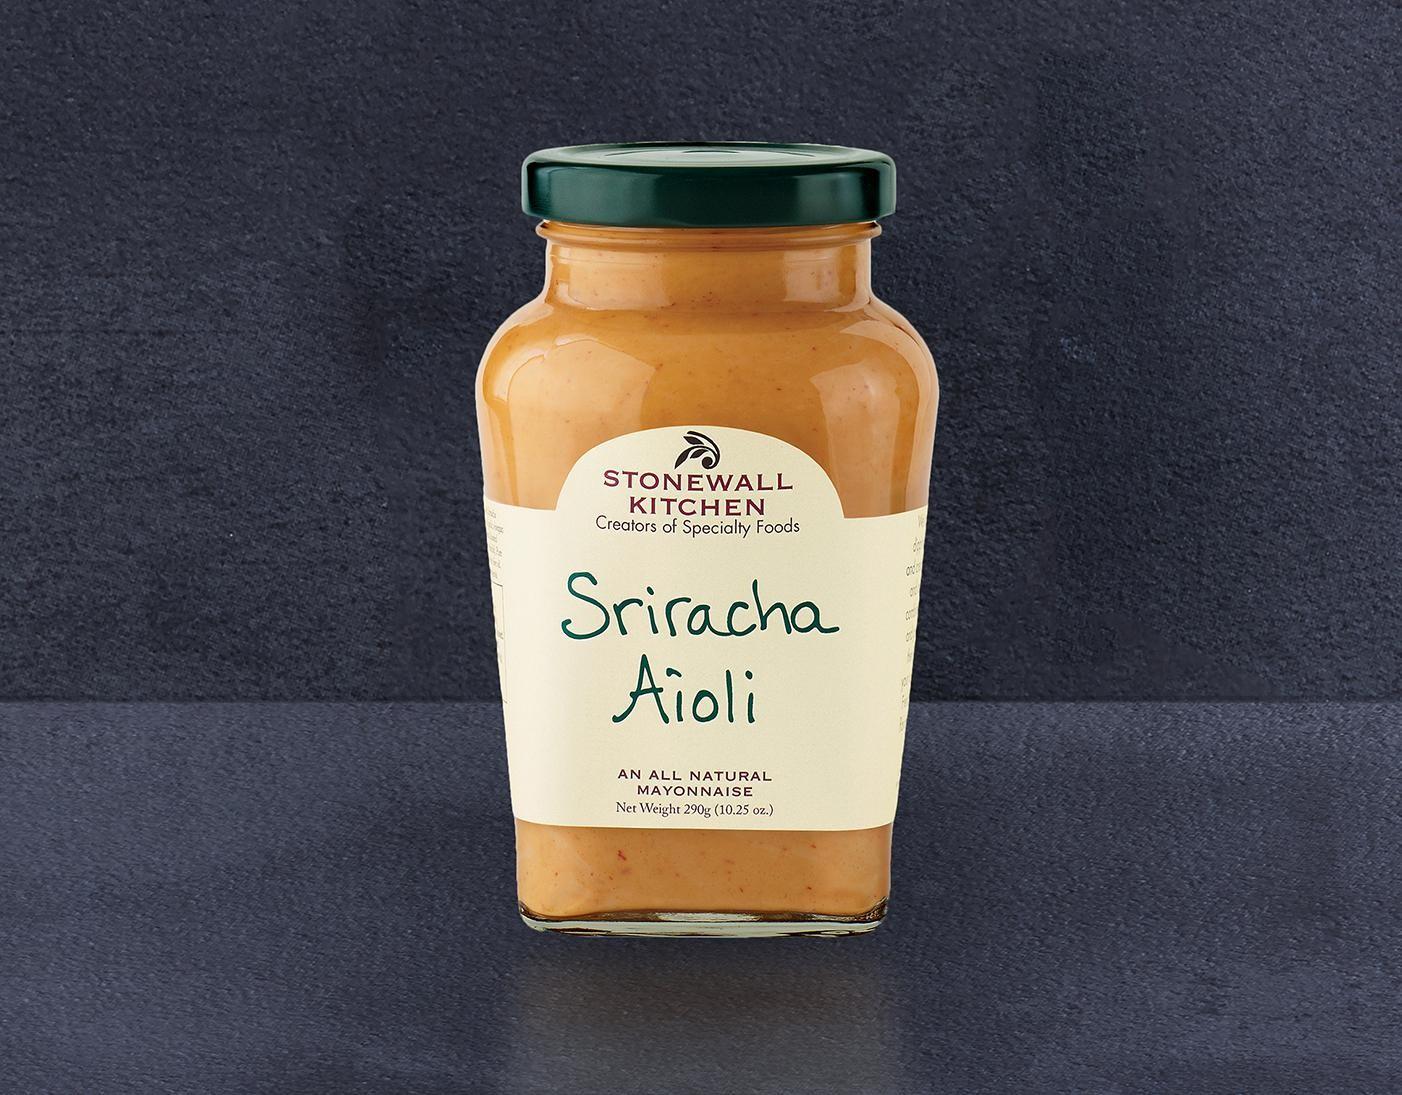 Stonewall Kitchen »Sriracha Aioli« jetzt kaufen!